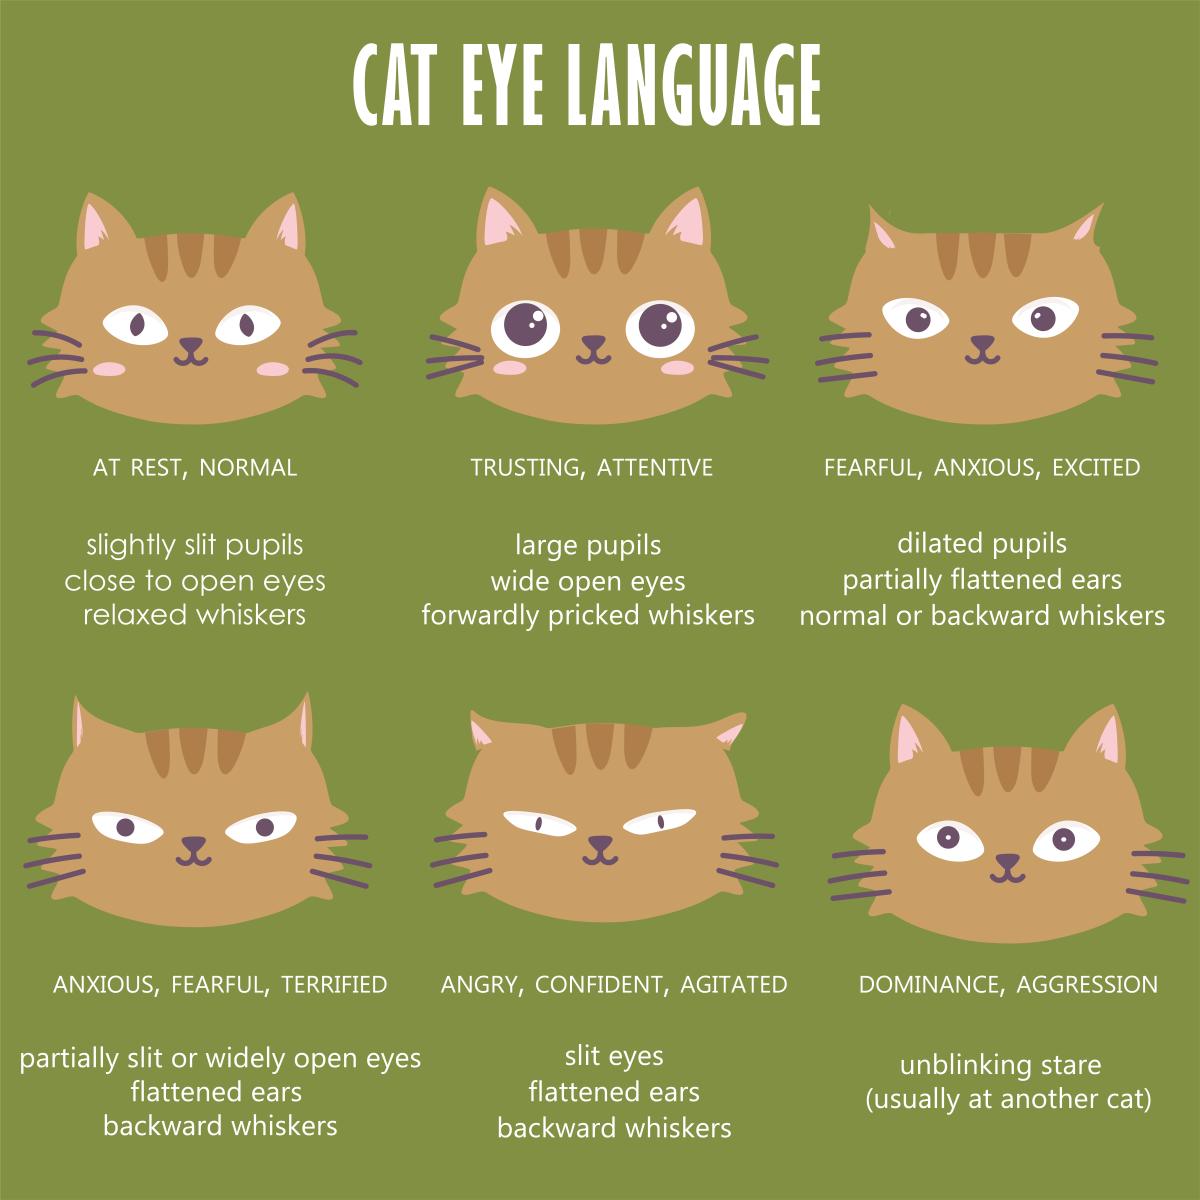 Cat Eye Language